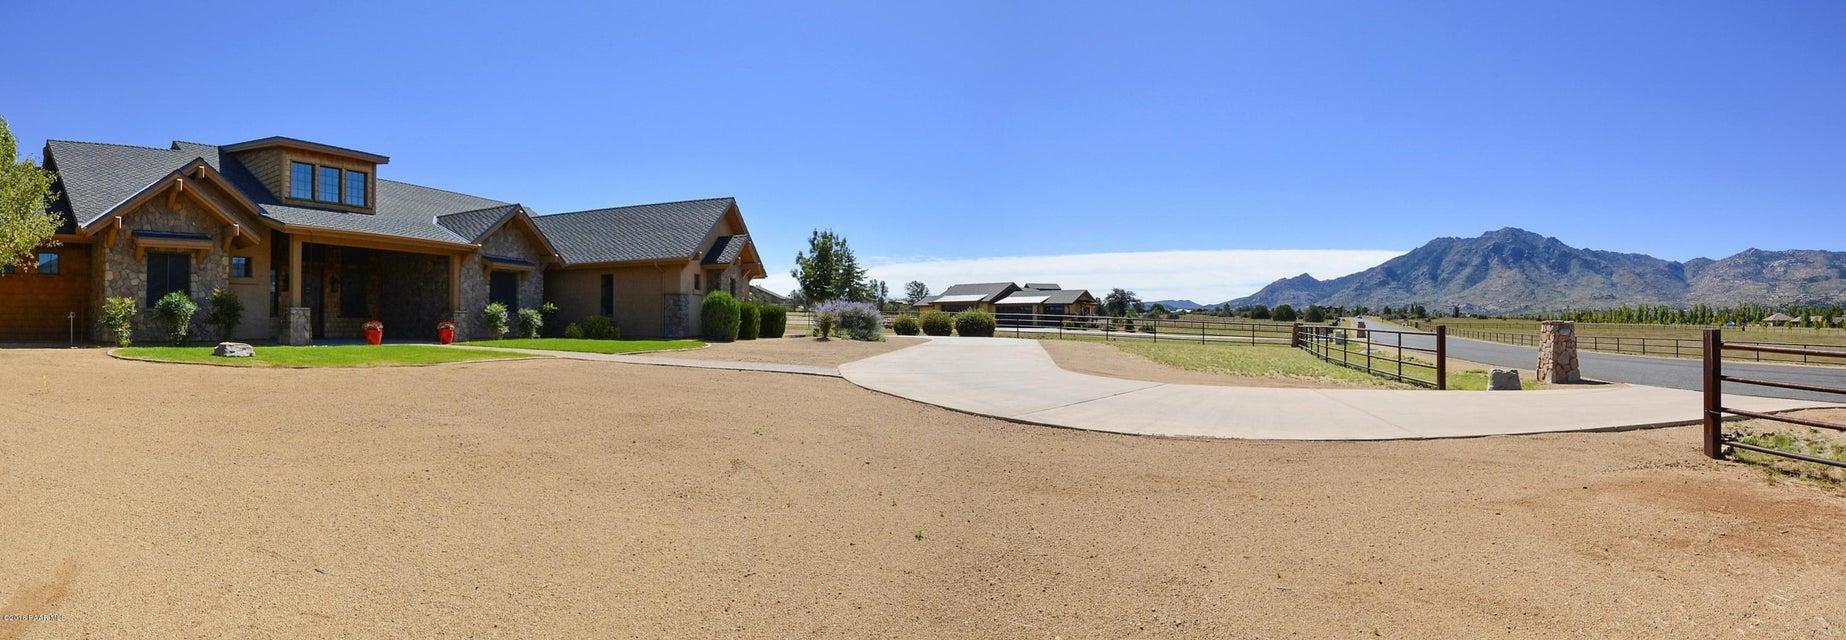 MLS 998589 9785 Equine Road Building 9785, Prescott, AZ Prescott AZ American Ranch